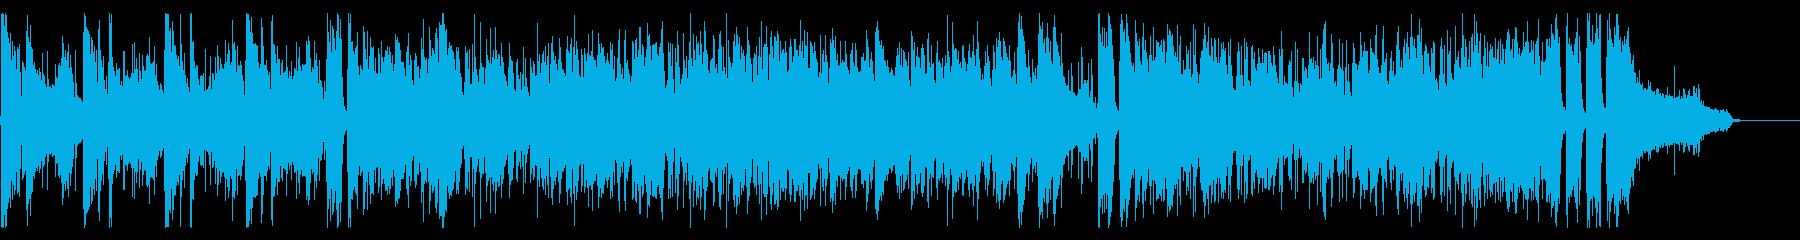 ミステリアスで壮大なメロディーの再生済みの波形